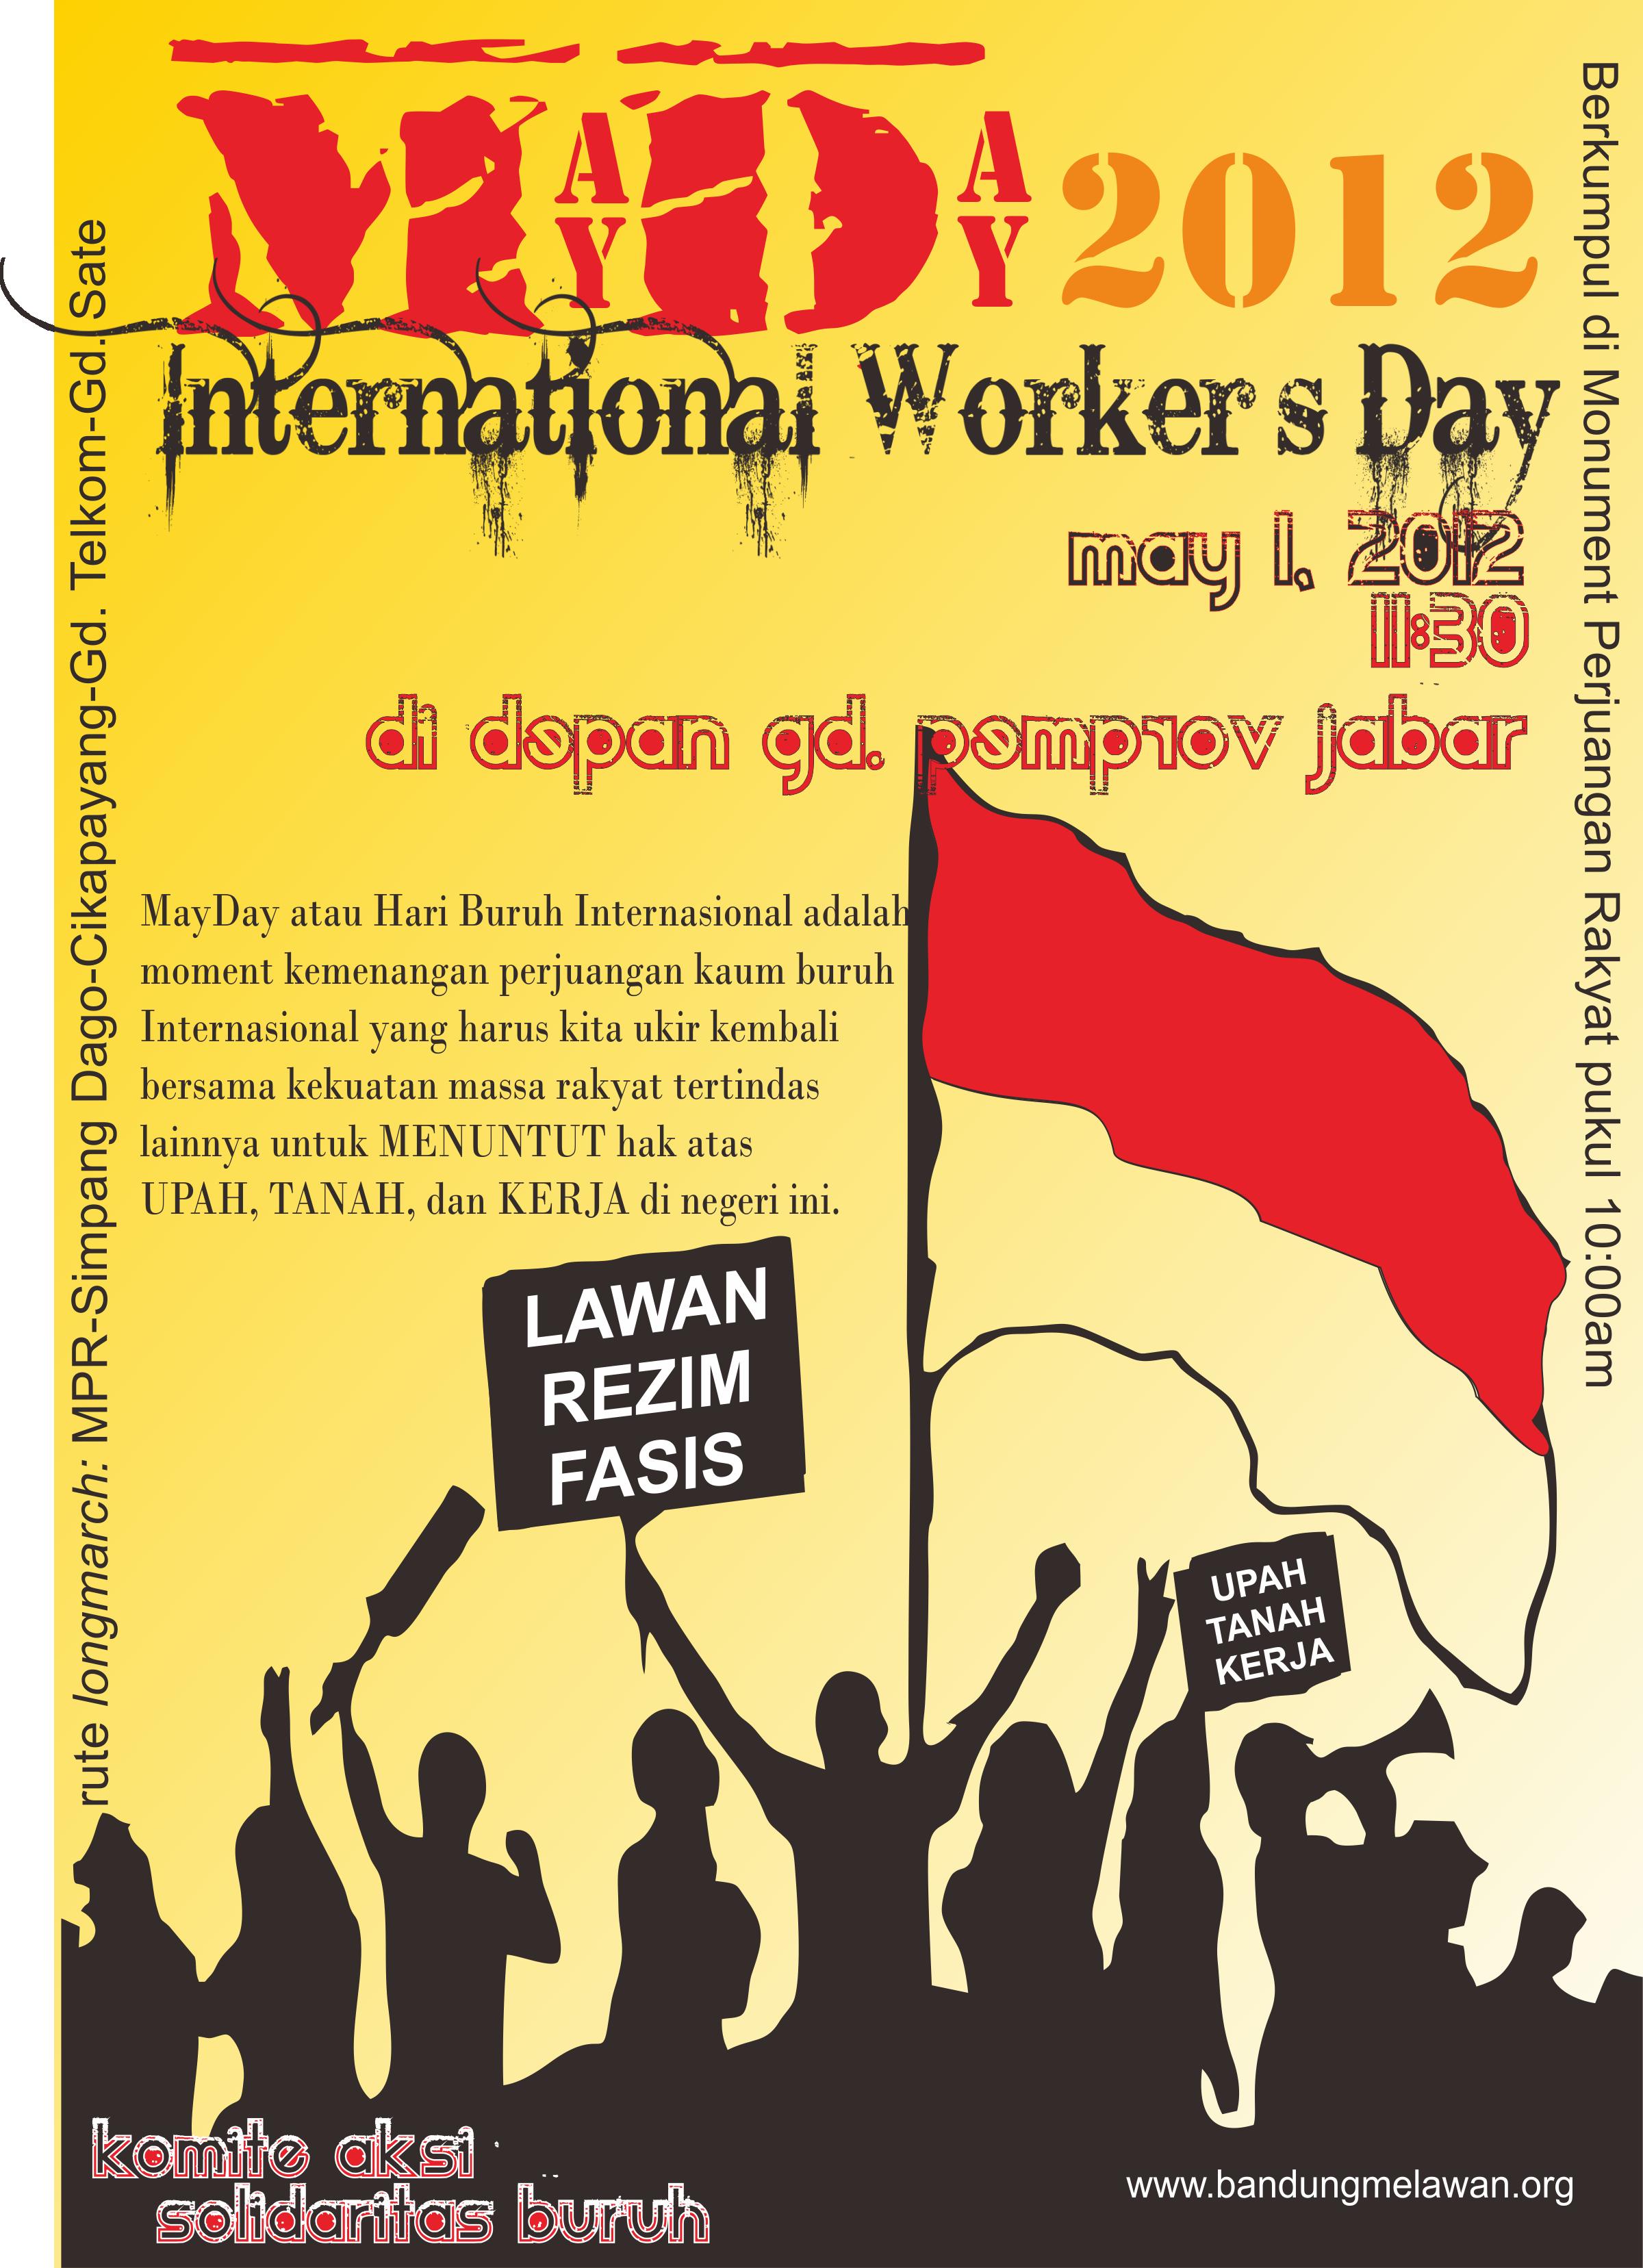 Ingin Poster Mayday Ini Pada Kaosmu Cukup Rp 30000 Kau Akan Mendapatkannya Khusus Wilayah Bandung